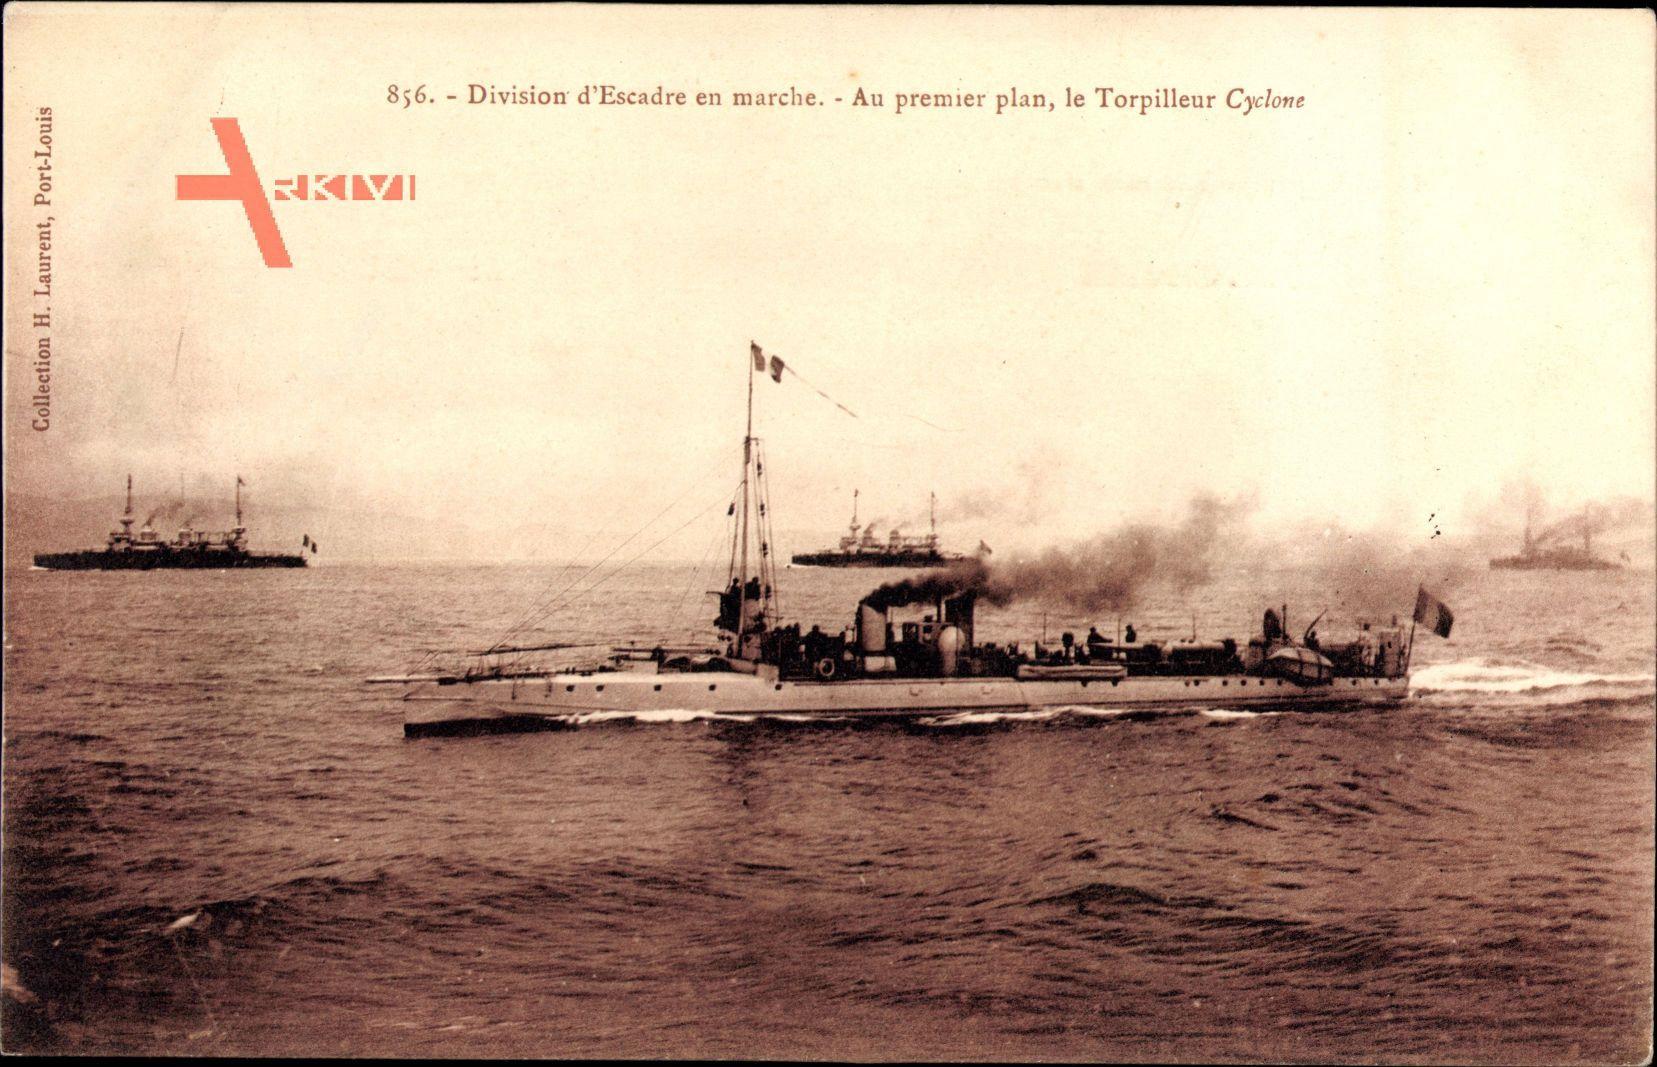 Französisches Kriegsschiff - im Vordergrund das Torpedoboot Cyclone - das Geschwader unterwegs